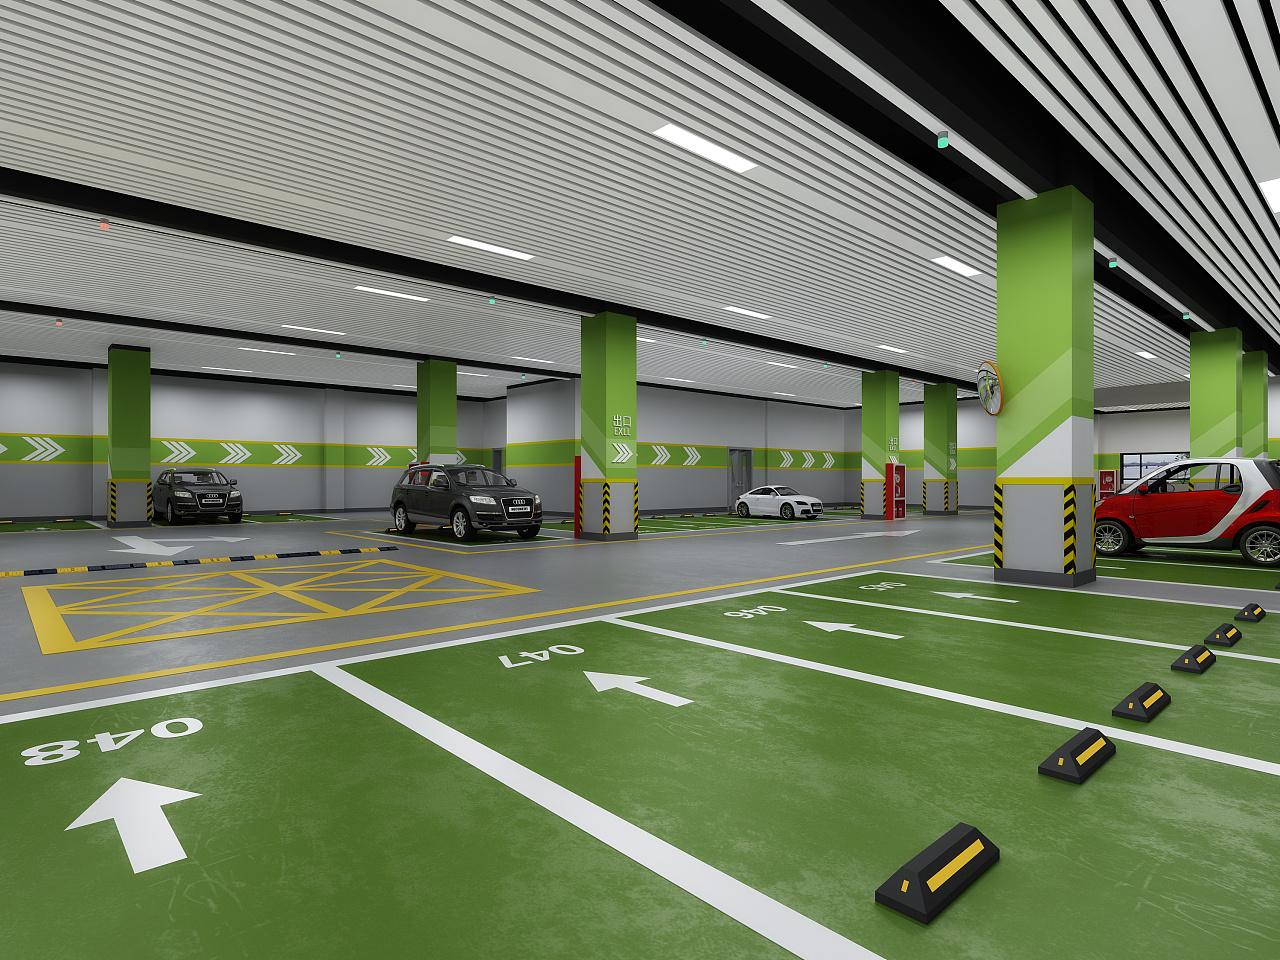 地下停车场|空间|室内设计|1992效果图小瑜 - 原创图片